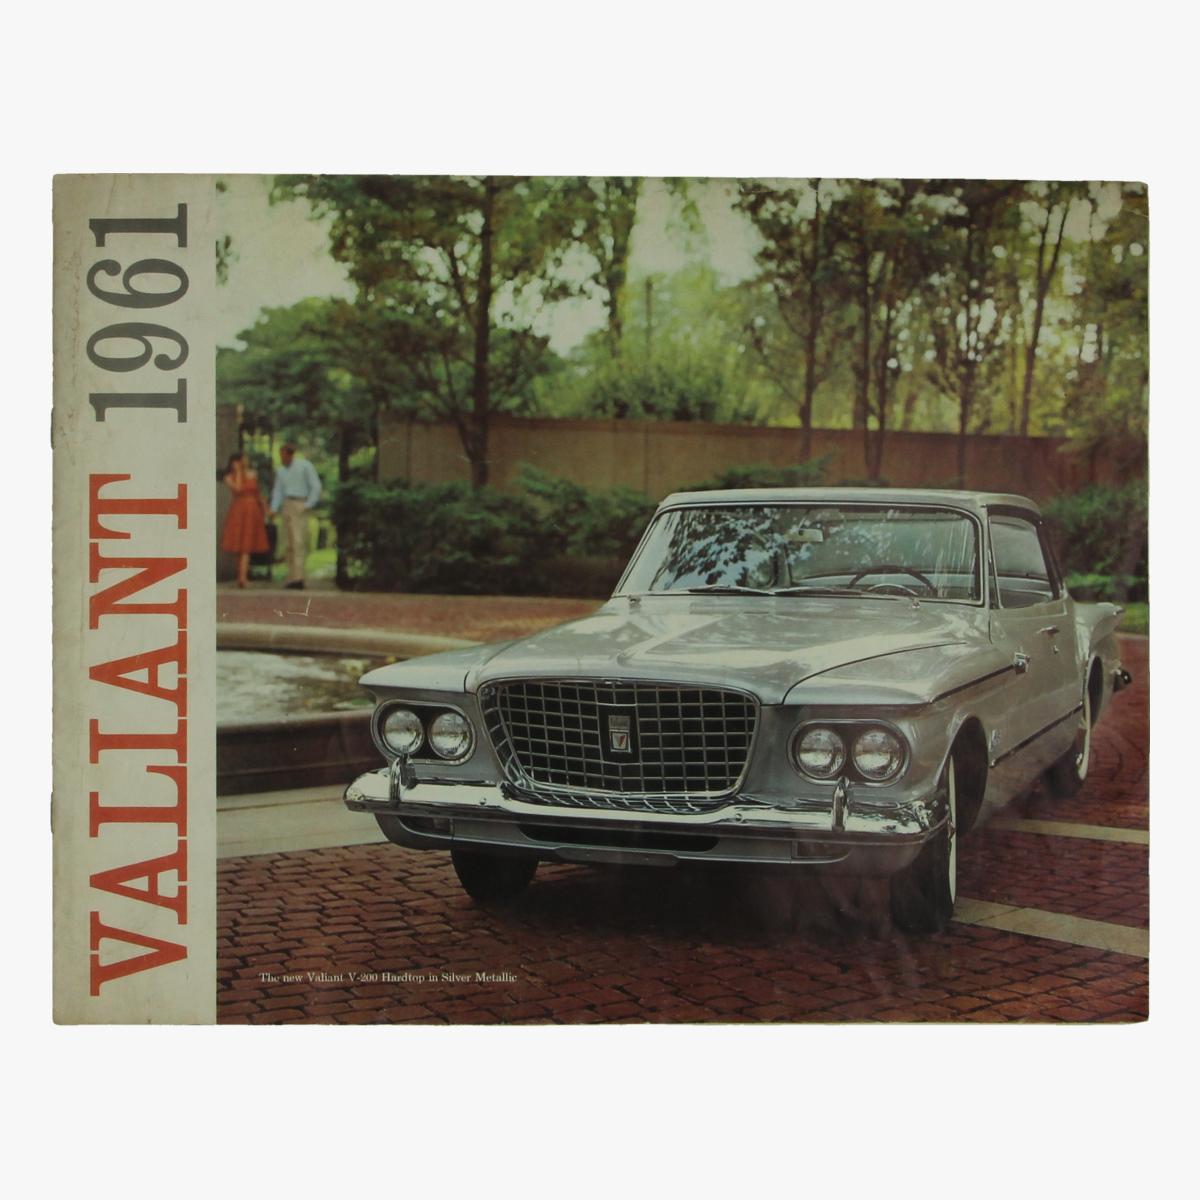 Afbeeldingen van oude reclame folder Valiant 1961